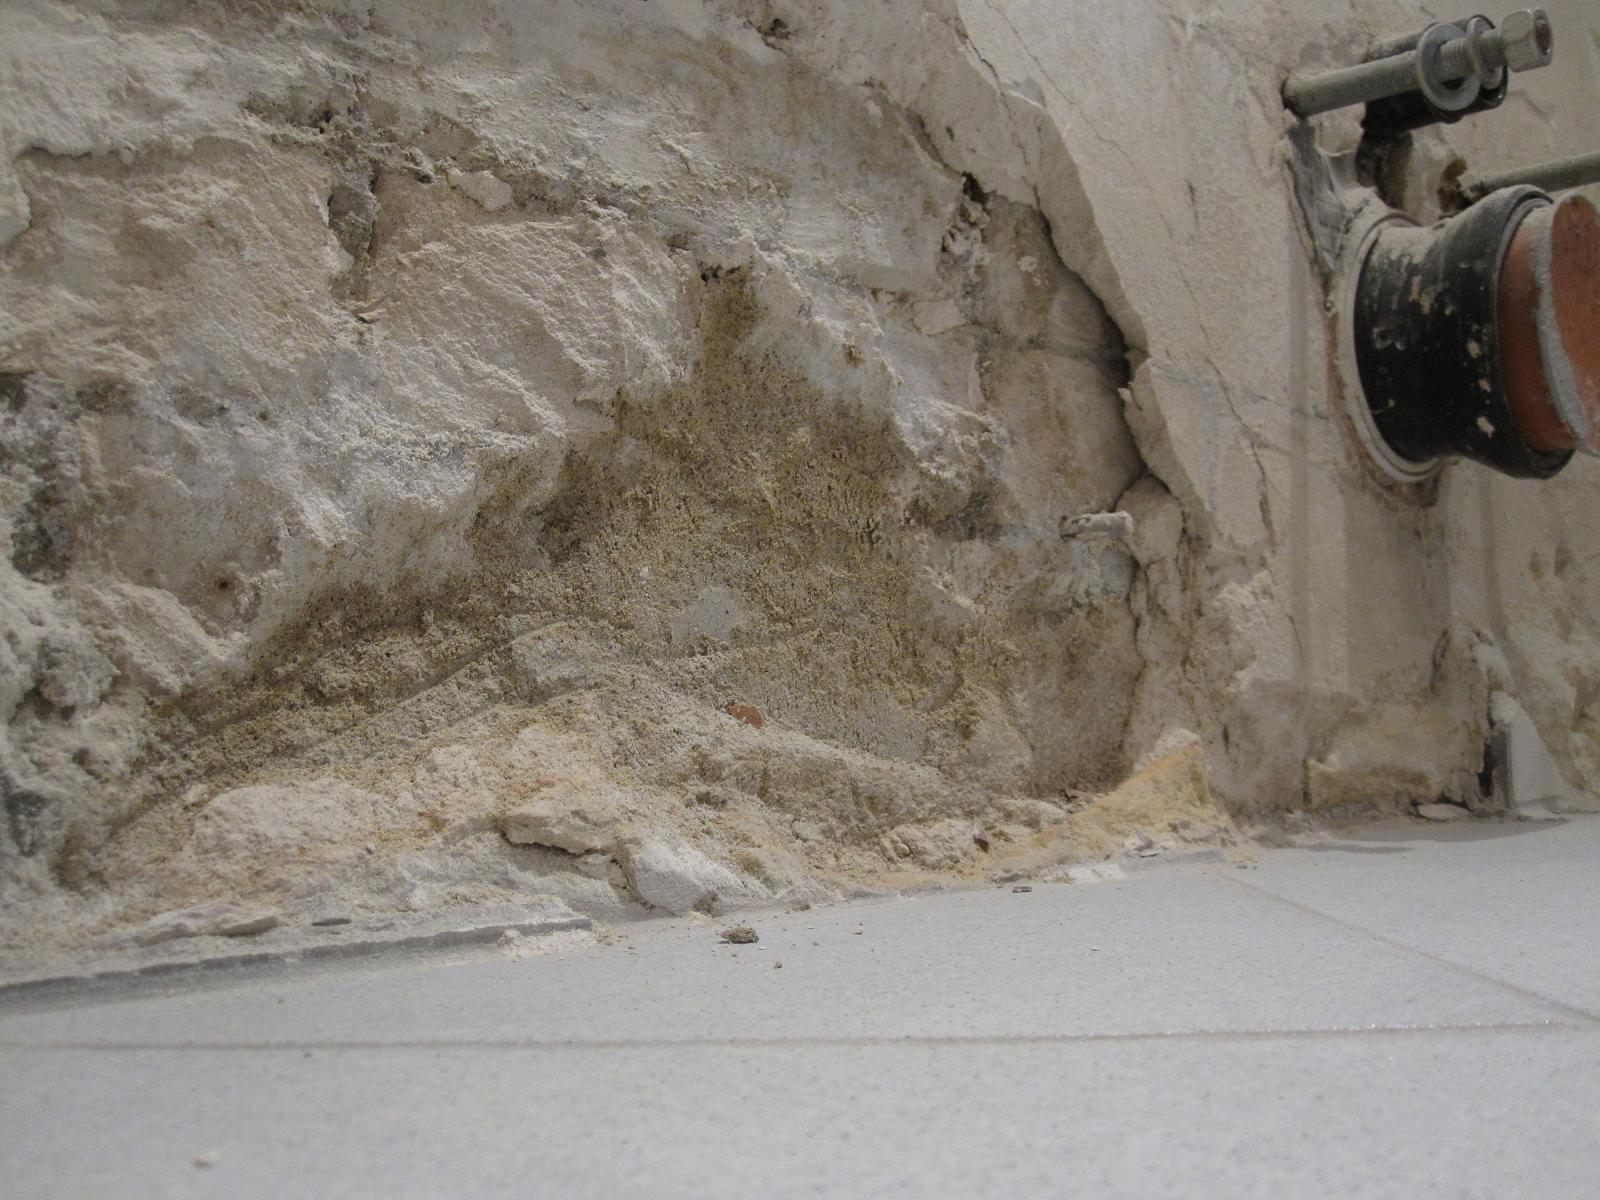 Dusche Wand Feucht : Feuchte W?nde – Hausbau allgemein – Bauforum24 – Baumaschinen & Bau